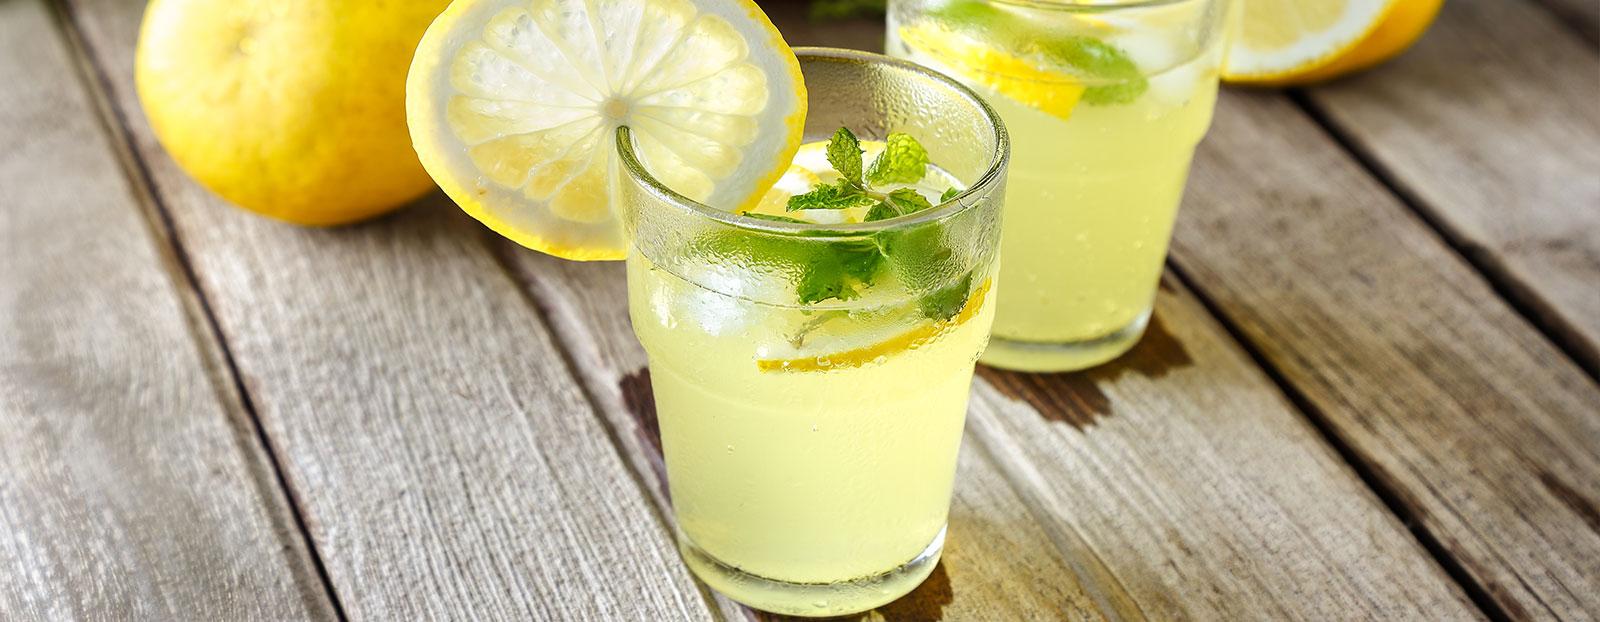 skiuma-testata-acqua-limone